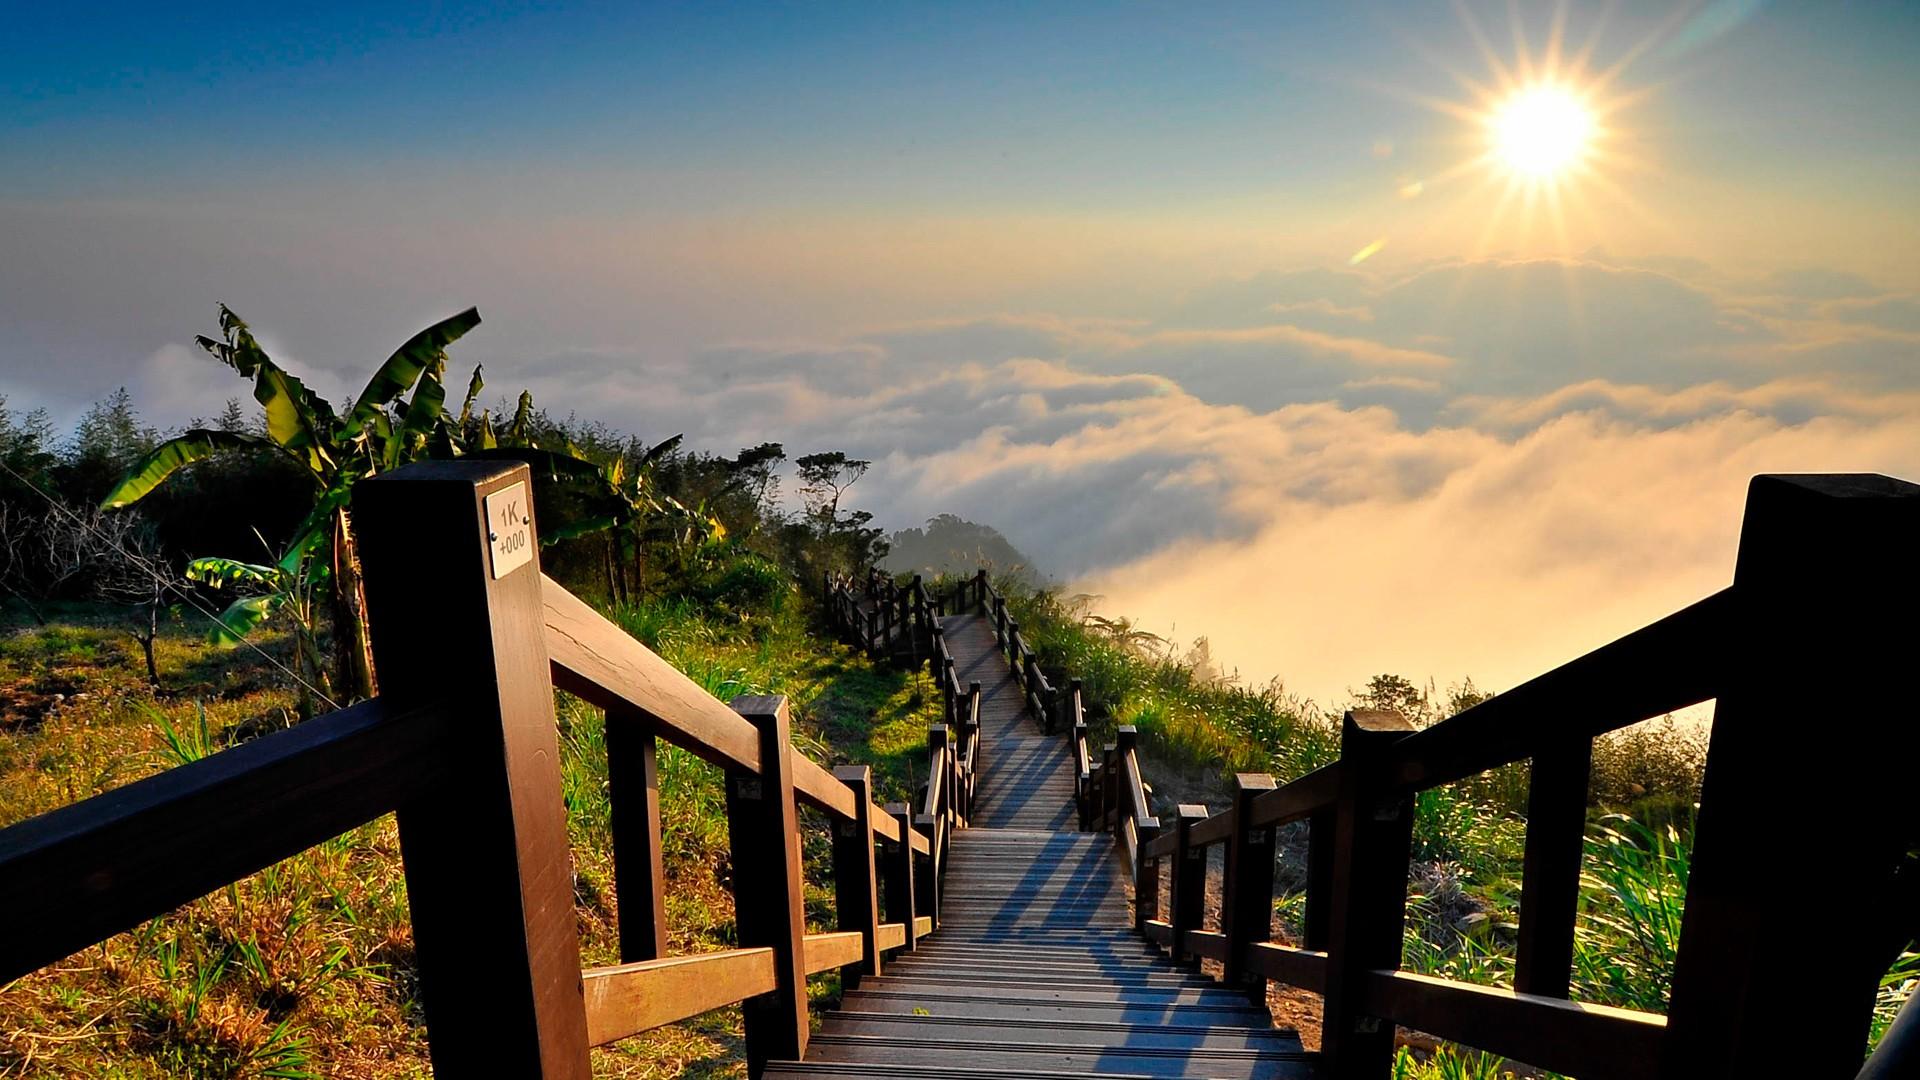 escalier soleil nuages